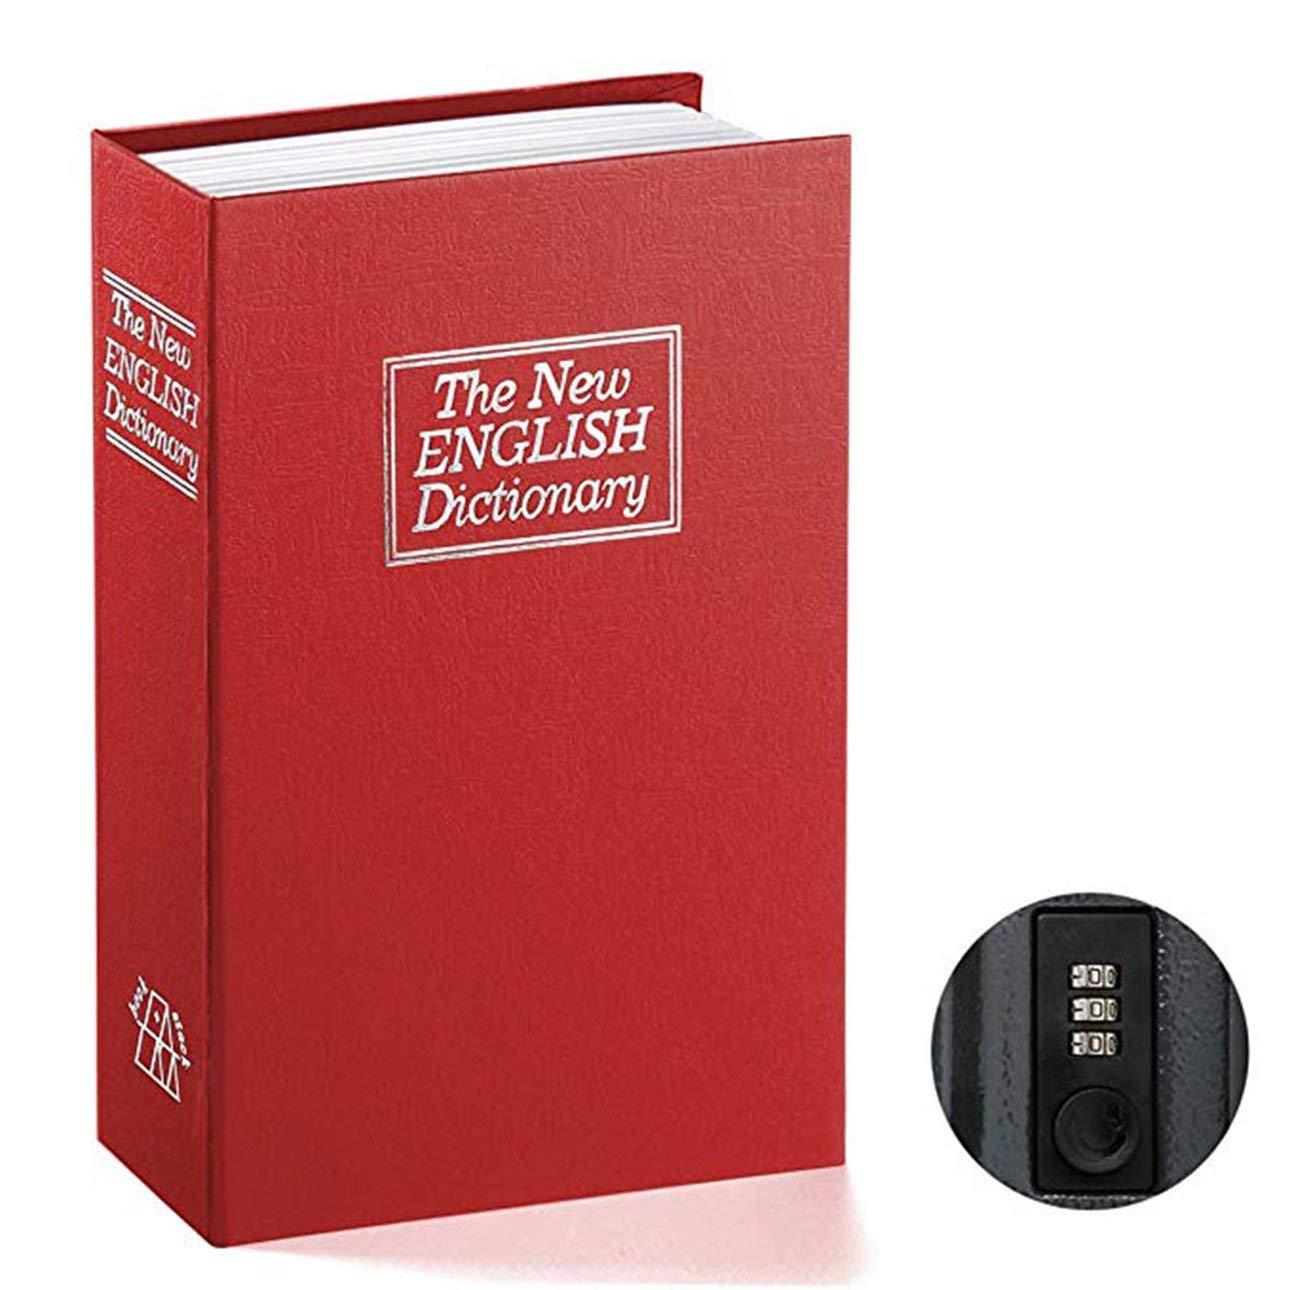 Negro Grande Celerhuak Caja Fuerte para Libros con Cerradura de combinaci/ón Jssmst Home Dictionary Diversion Metal Safe Lock Box 2017